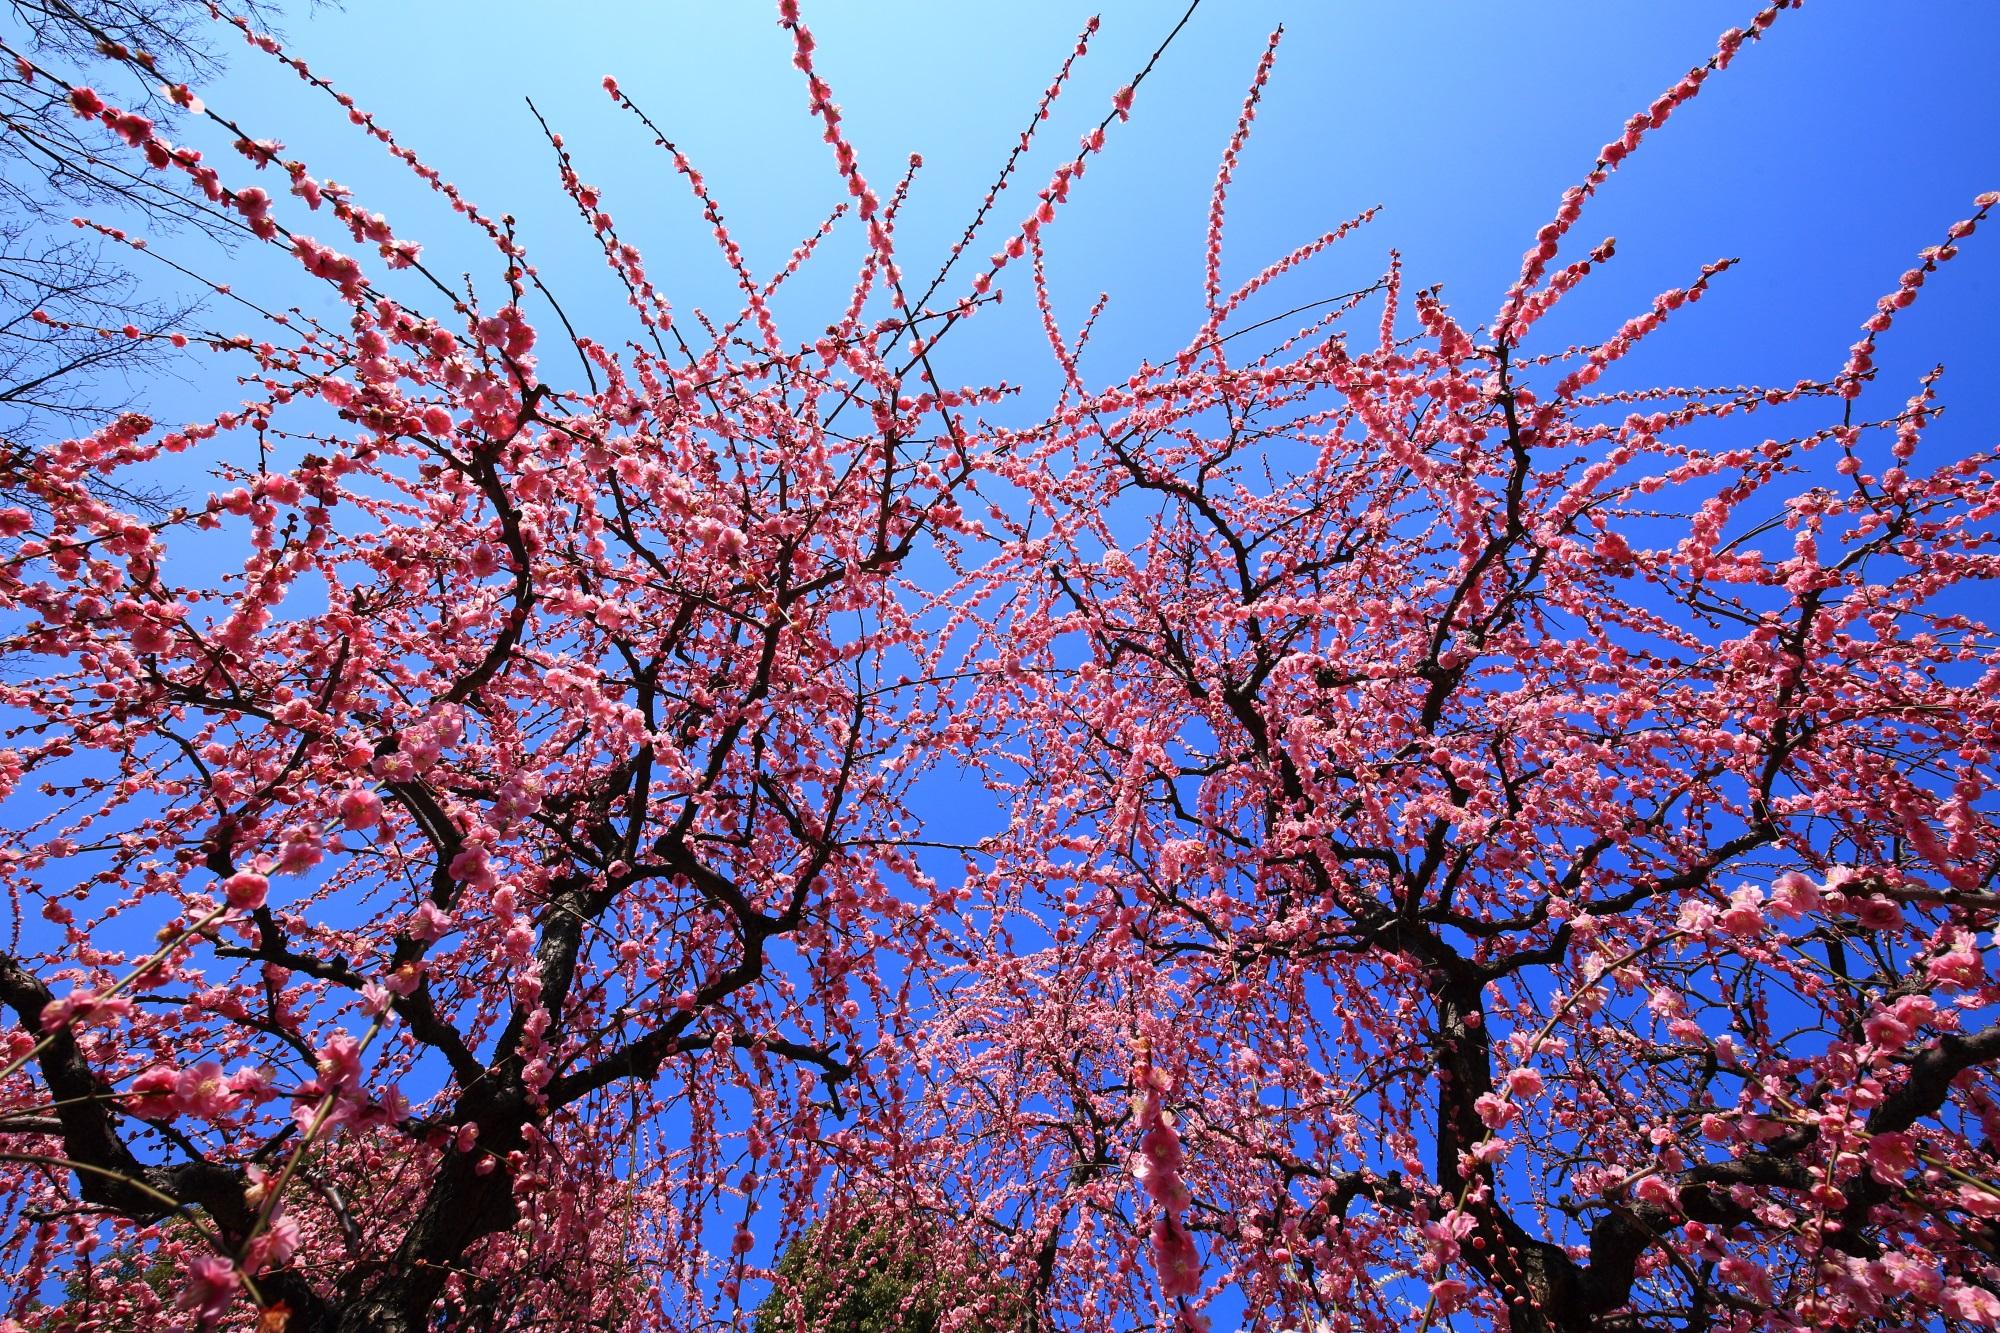 あっぱれなしだれ梅と青空の春の風景